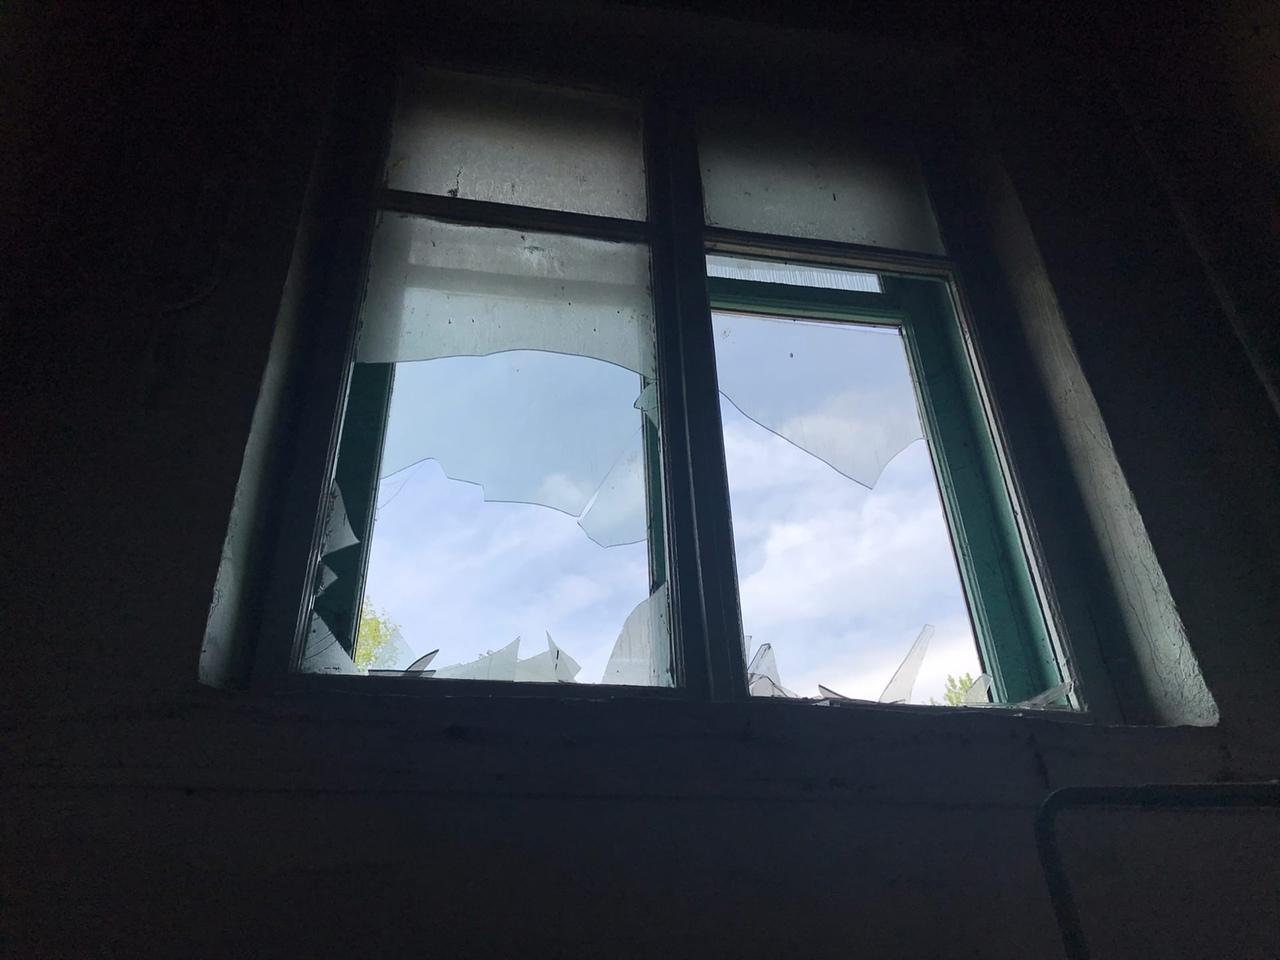 фото «Устроили балаган на весь дом, полиция не приехала»: что известно о пожаре с тремя погибшими в Новосибирске 4